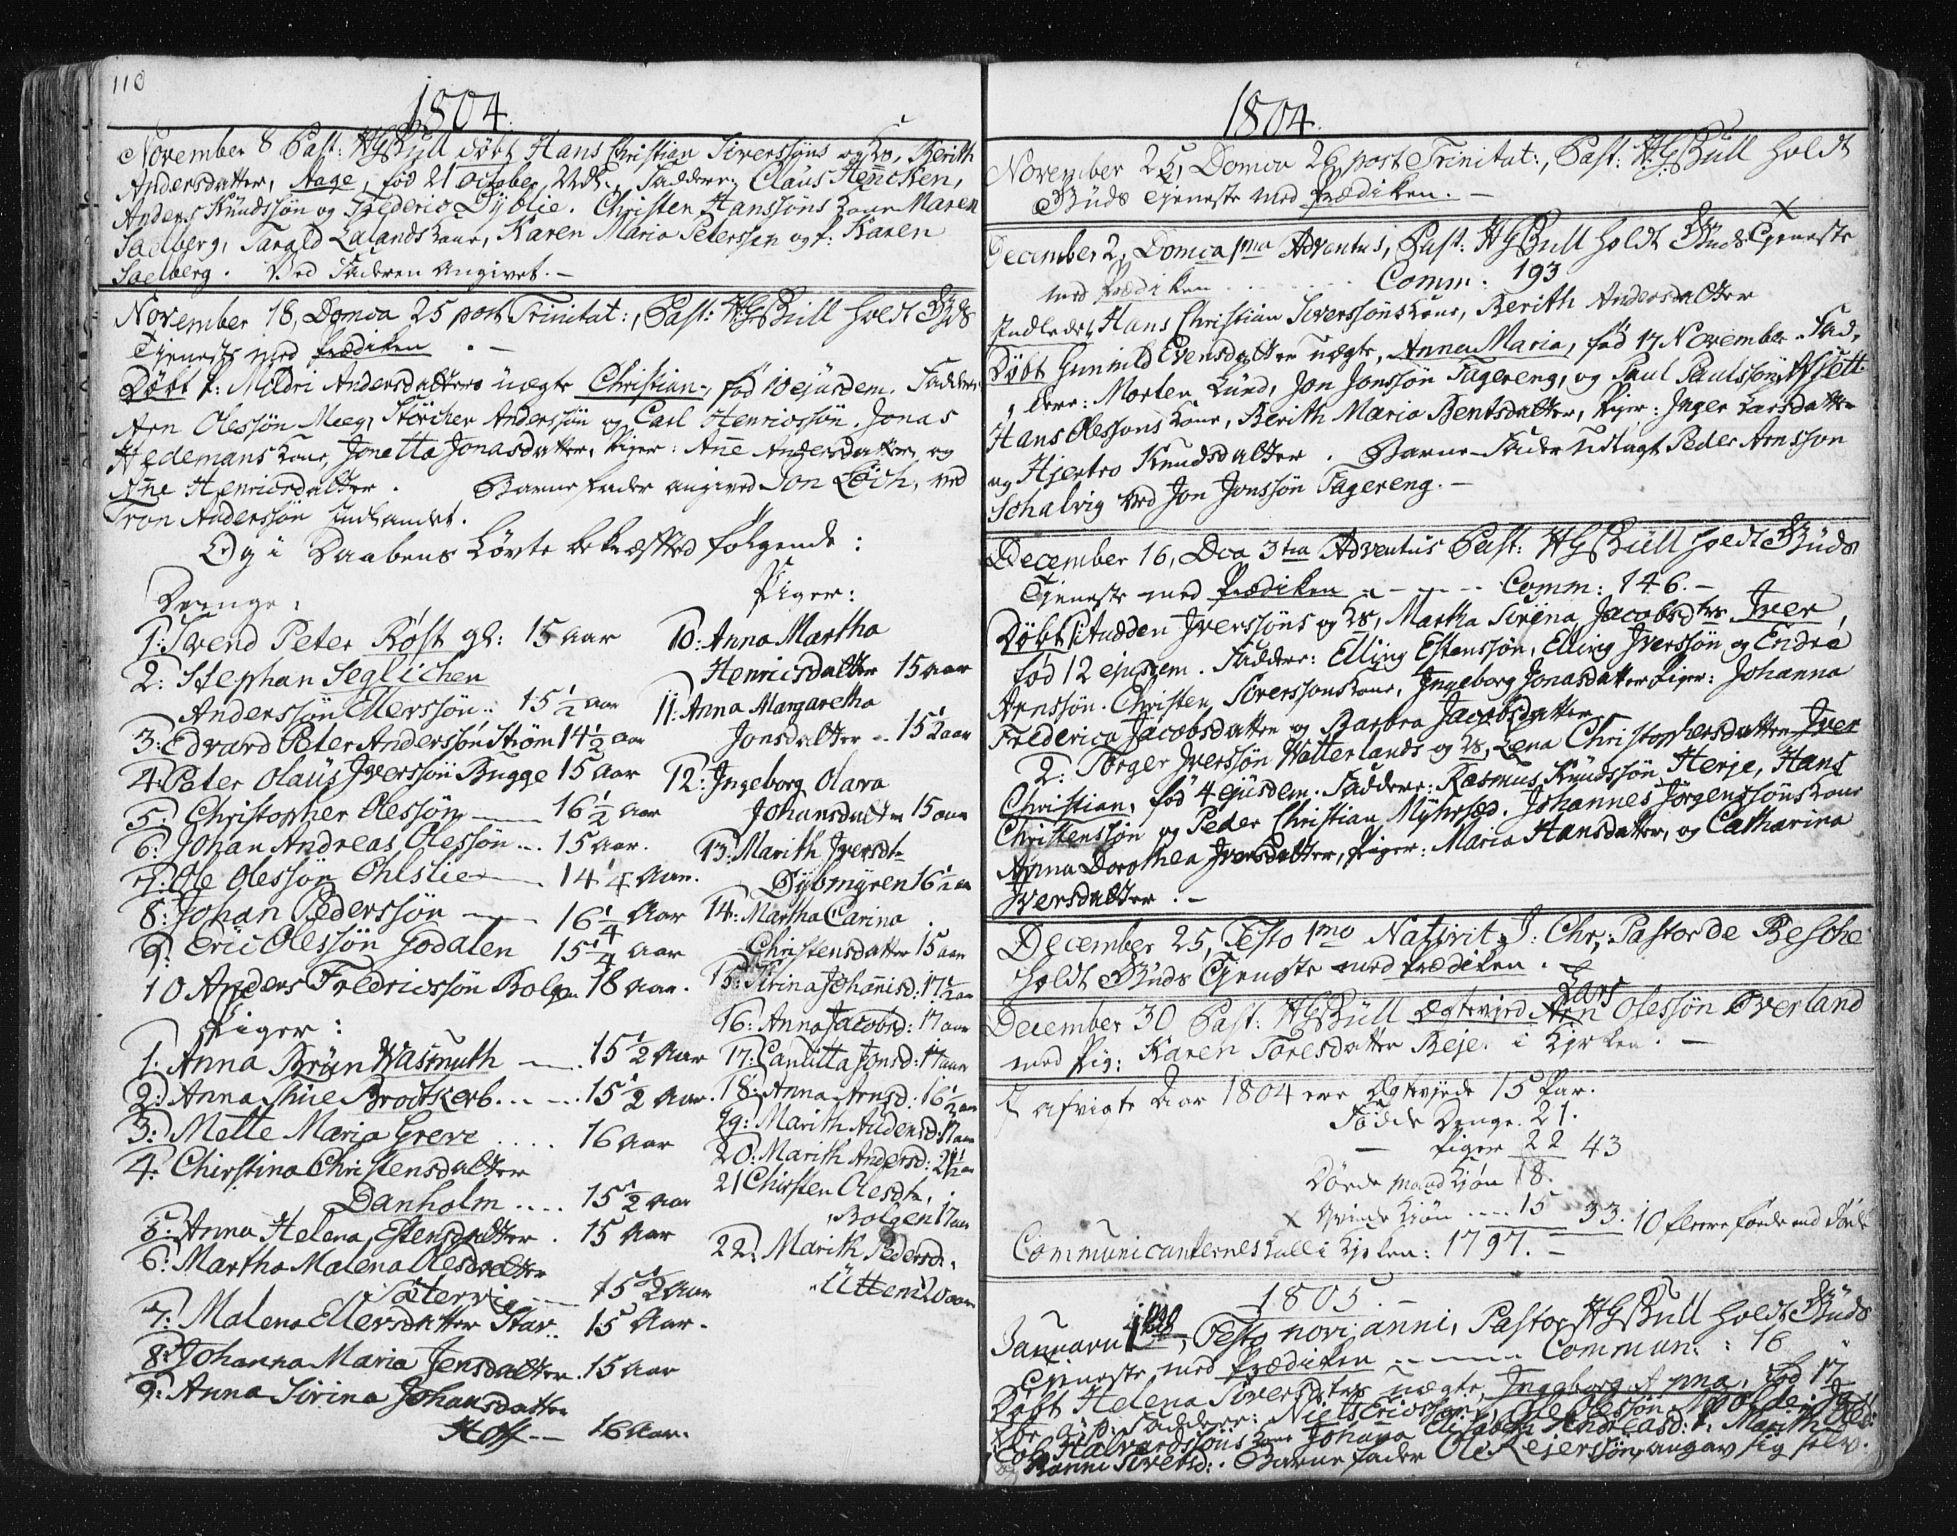 SAT, Ministerialprotokoller, klokkerbøker og fødselsregistre - Møre og Romsdal, 572/L0841: Ministerialbok nr. 572A04, 1784-1819, s. 110